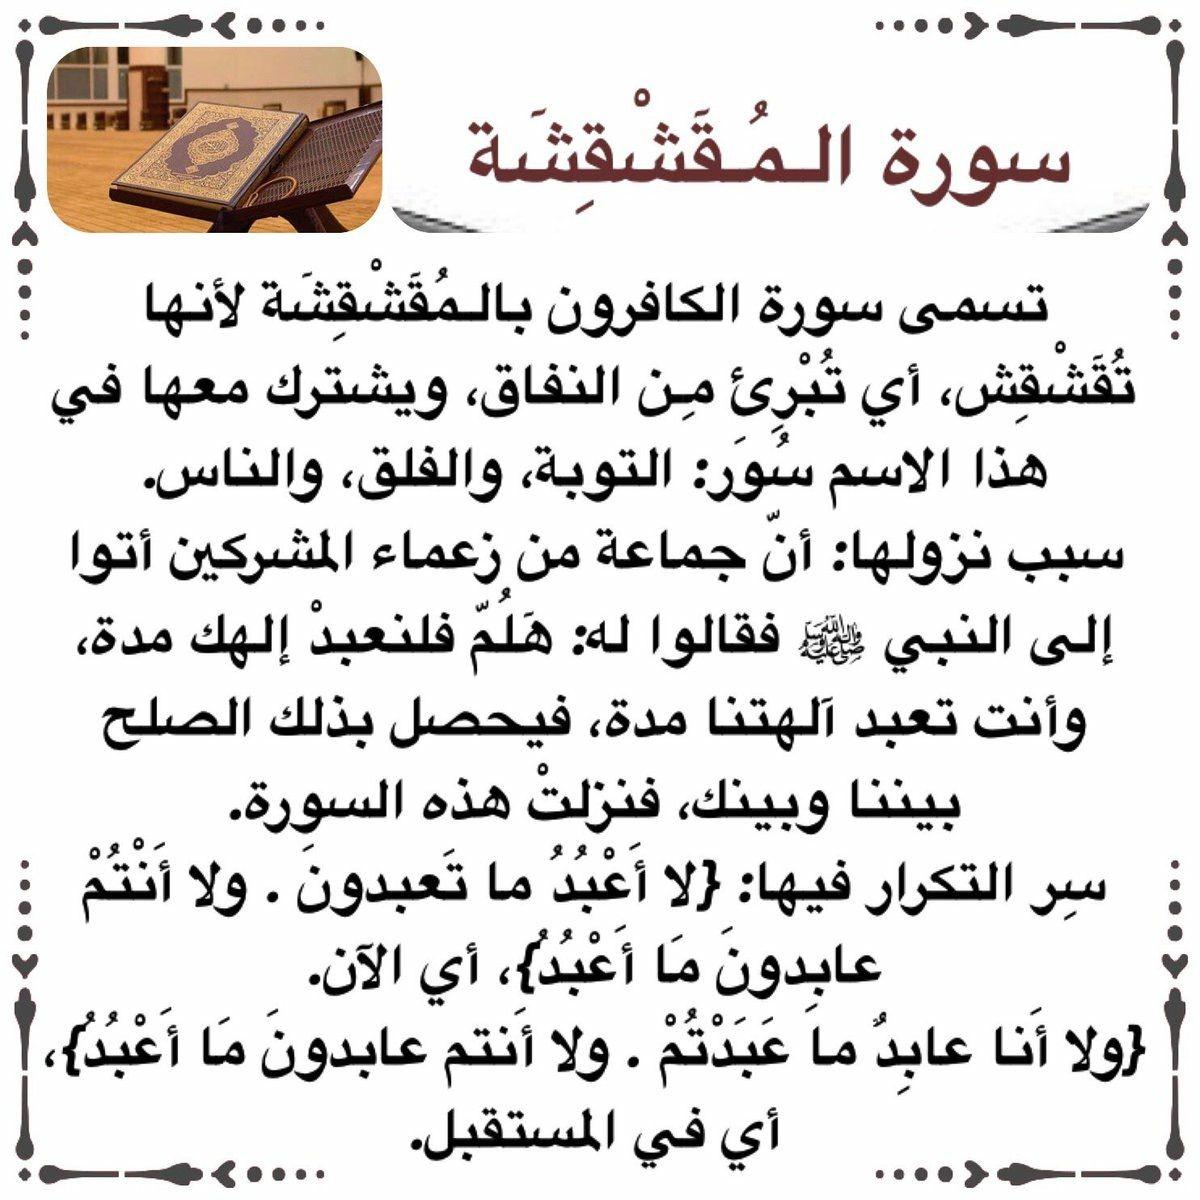 سورة المقشقشة Holy Quran Quran Words